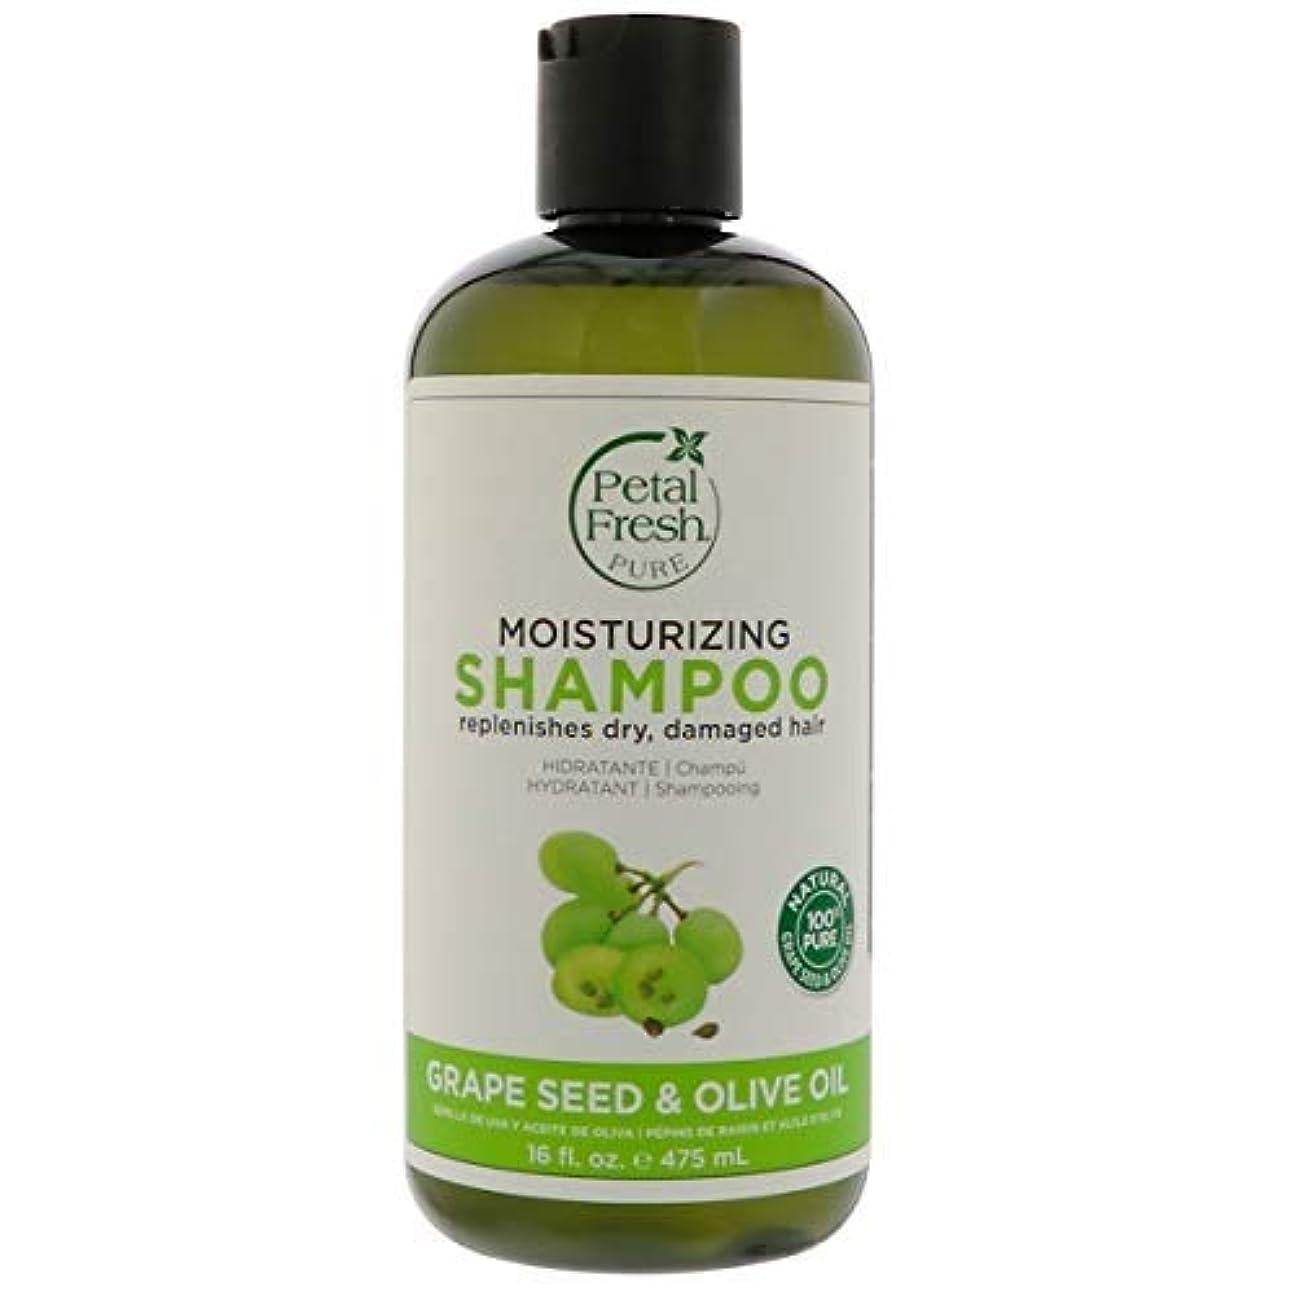 日付始める哀Petal Fresh Pure ペタルフレッシュピュア エイジディファイング(老化に免疫する)シャンプー グレープシード &オリーブオイル 16 fl oz (475 ml) [並行輸入品]